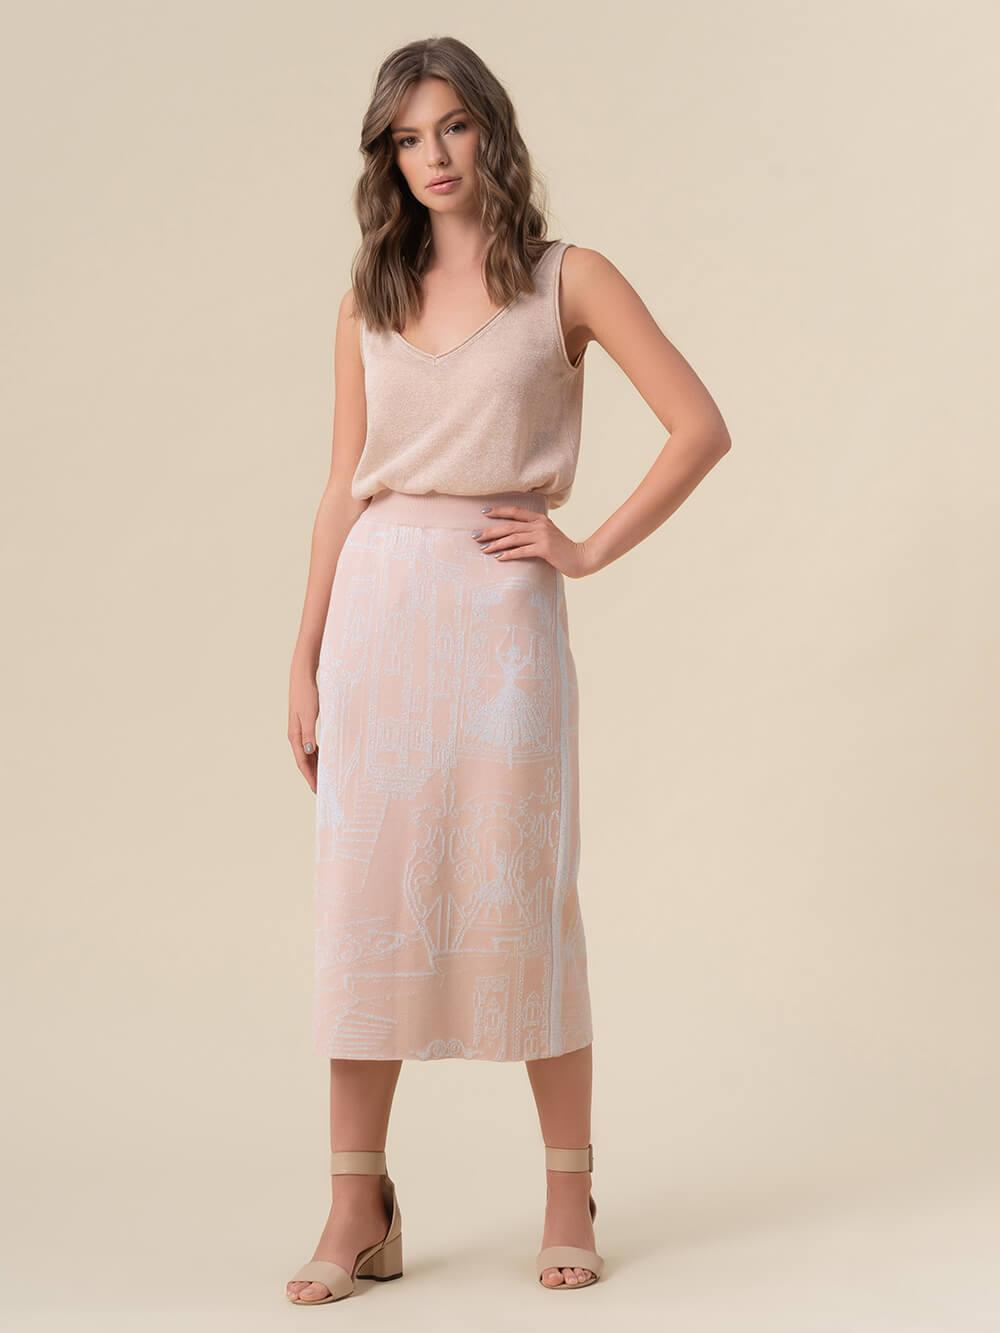 Женская юбка-карандаш с принтом светло-розового цвета из вискозы - фото 1